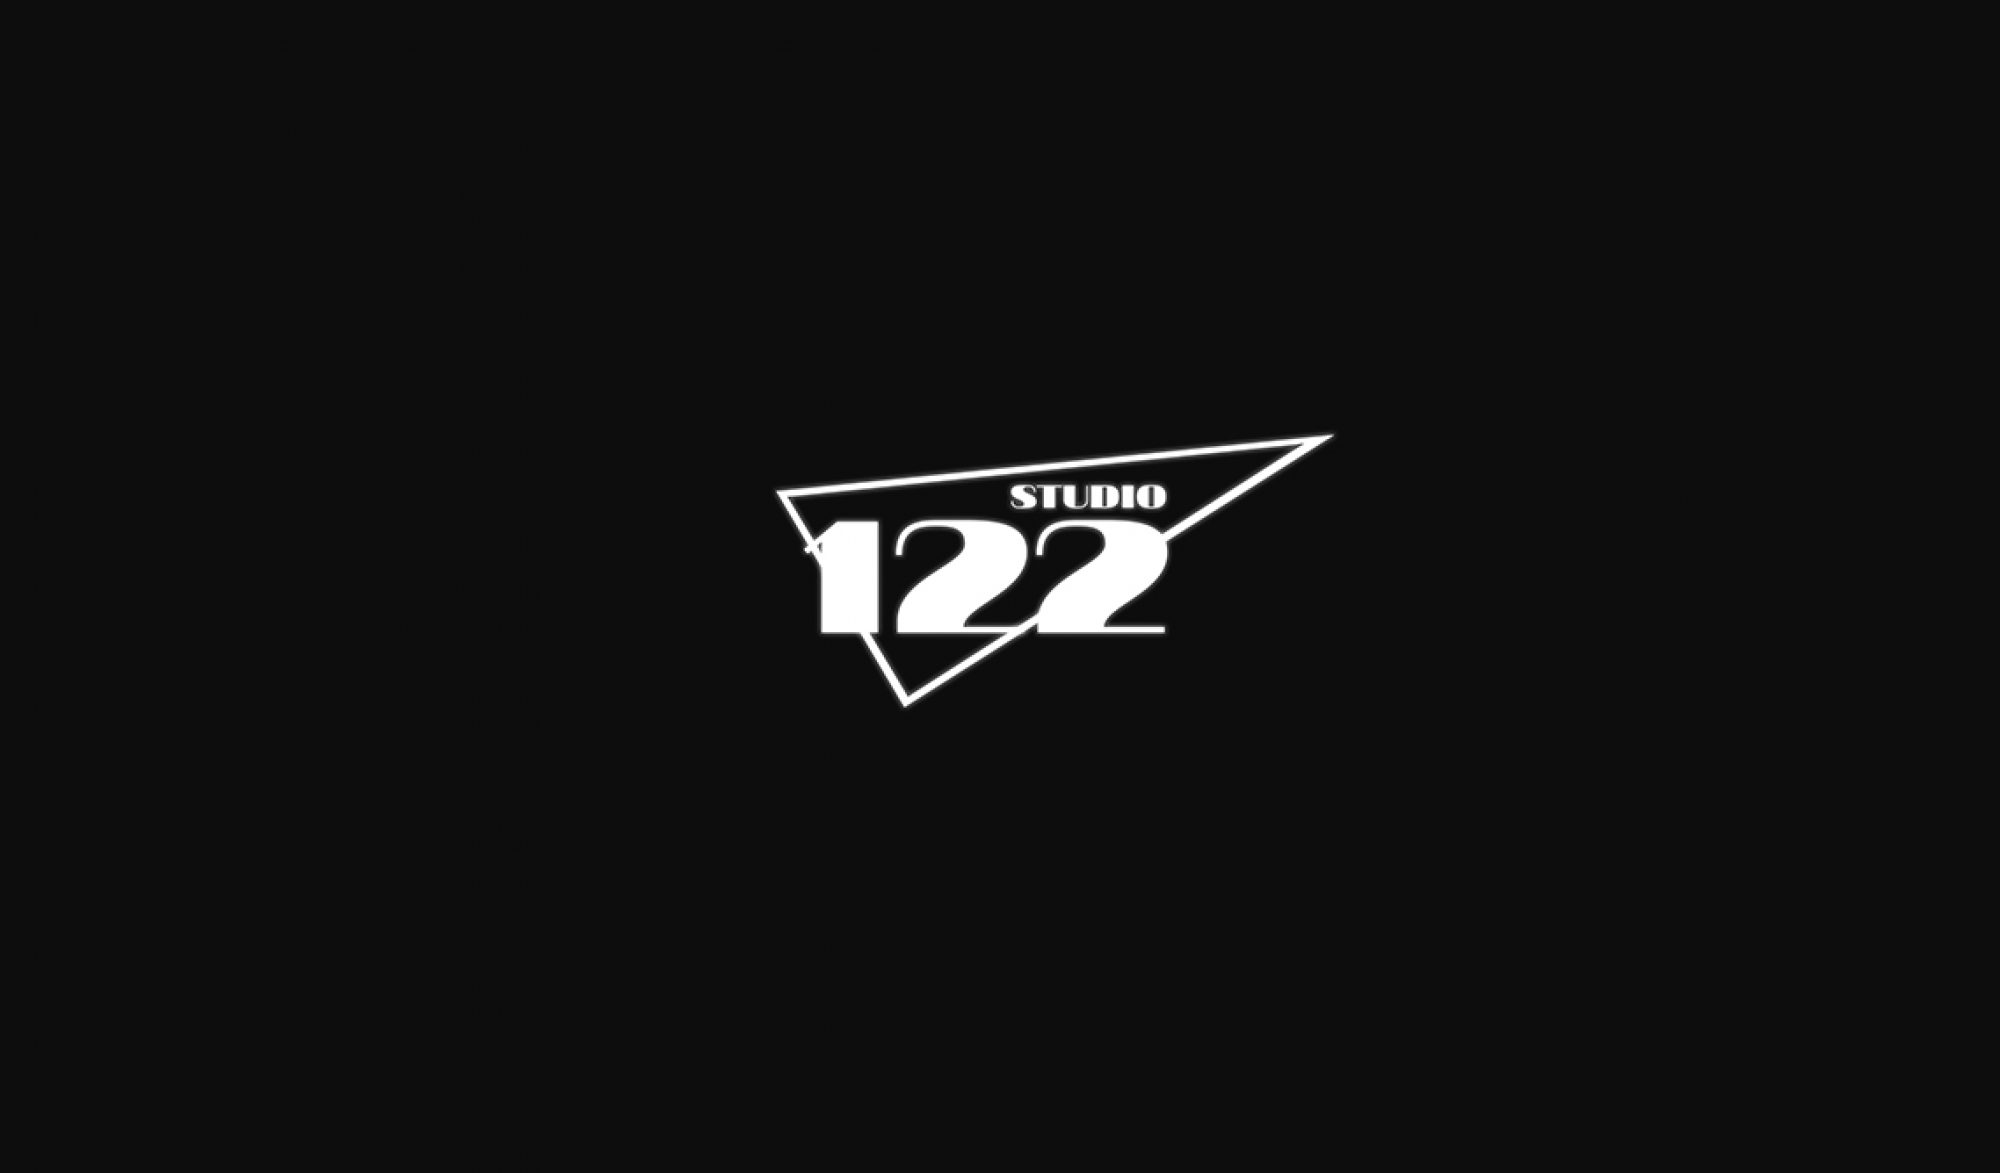 Studio 122